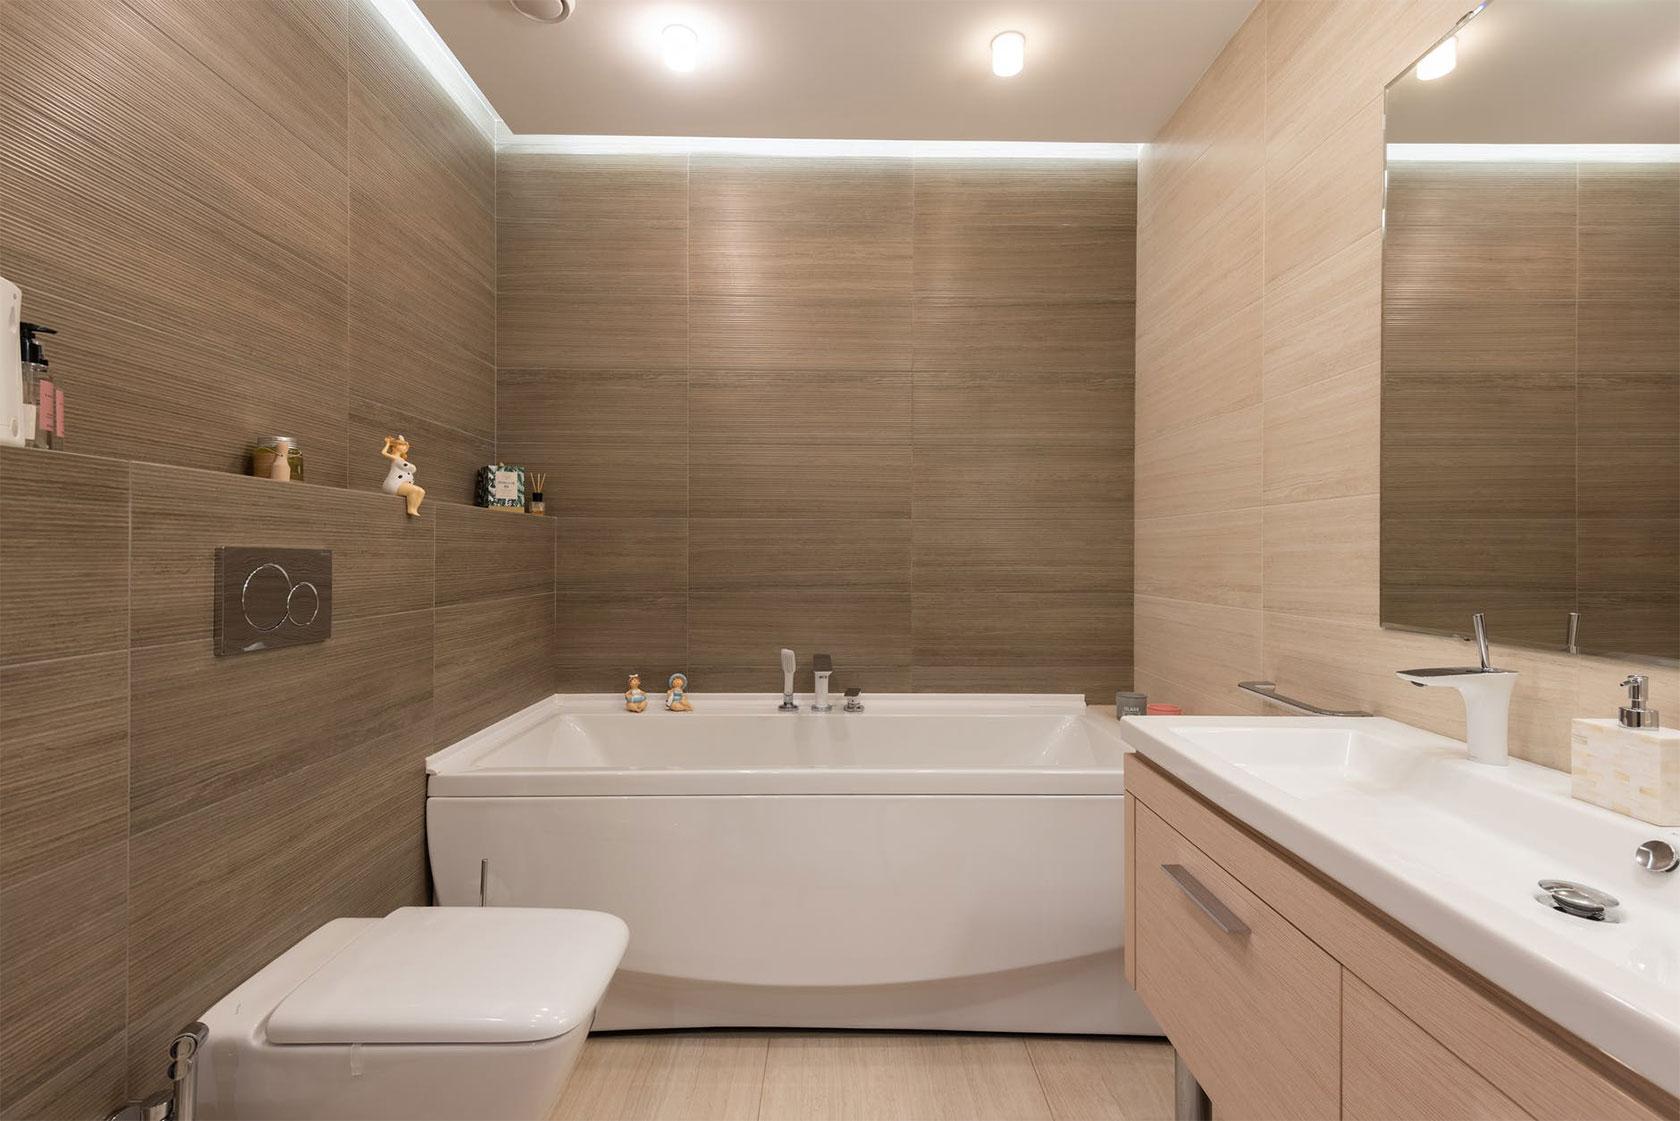 Bathroom Woof Flooring